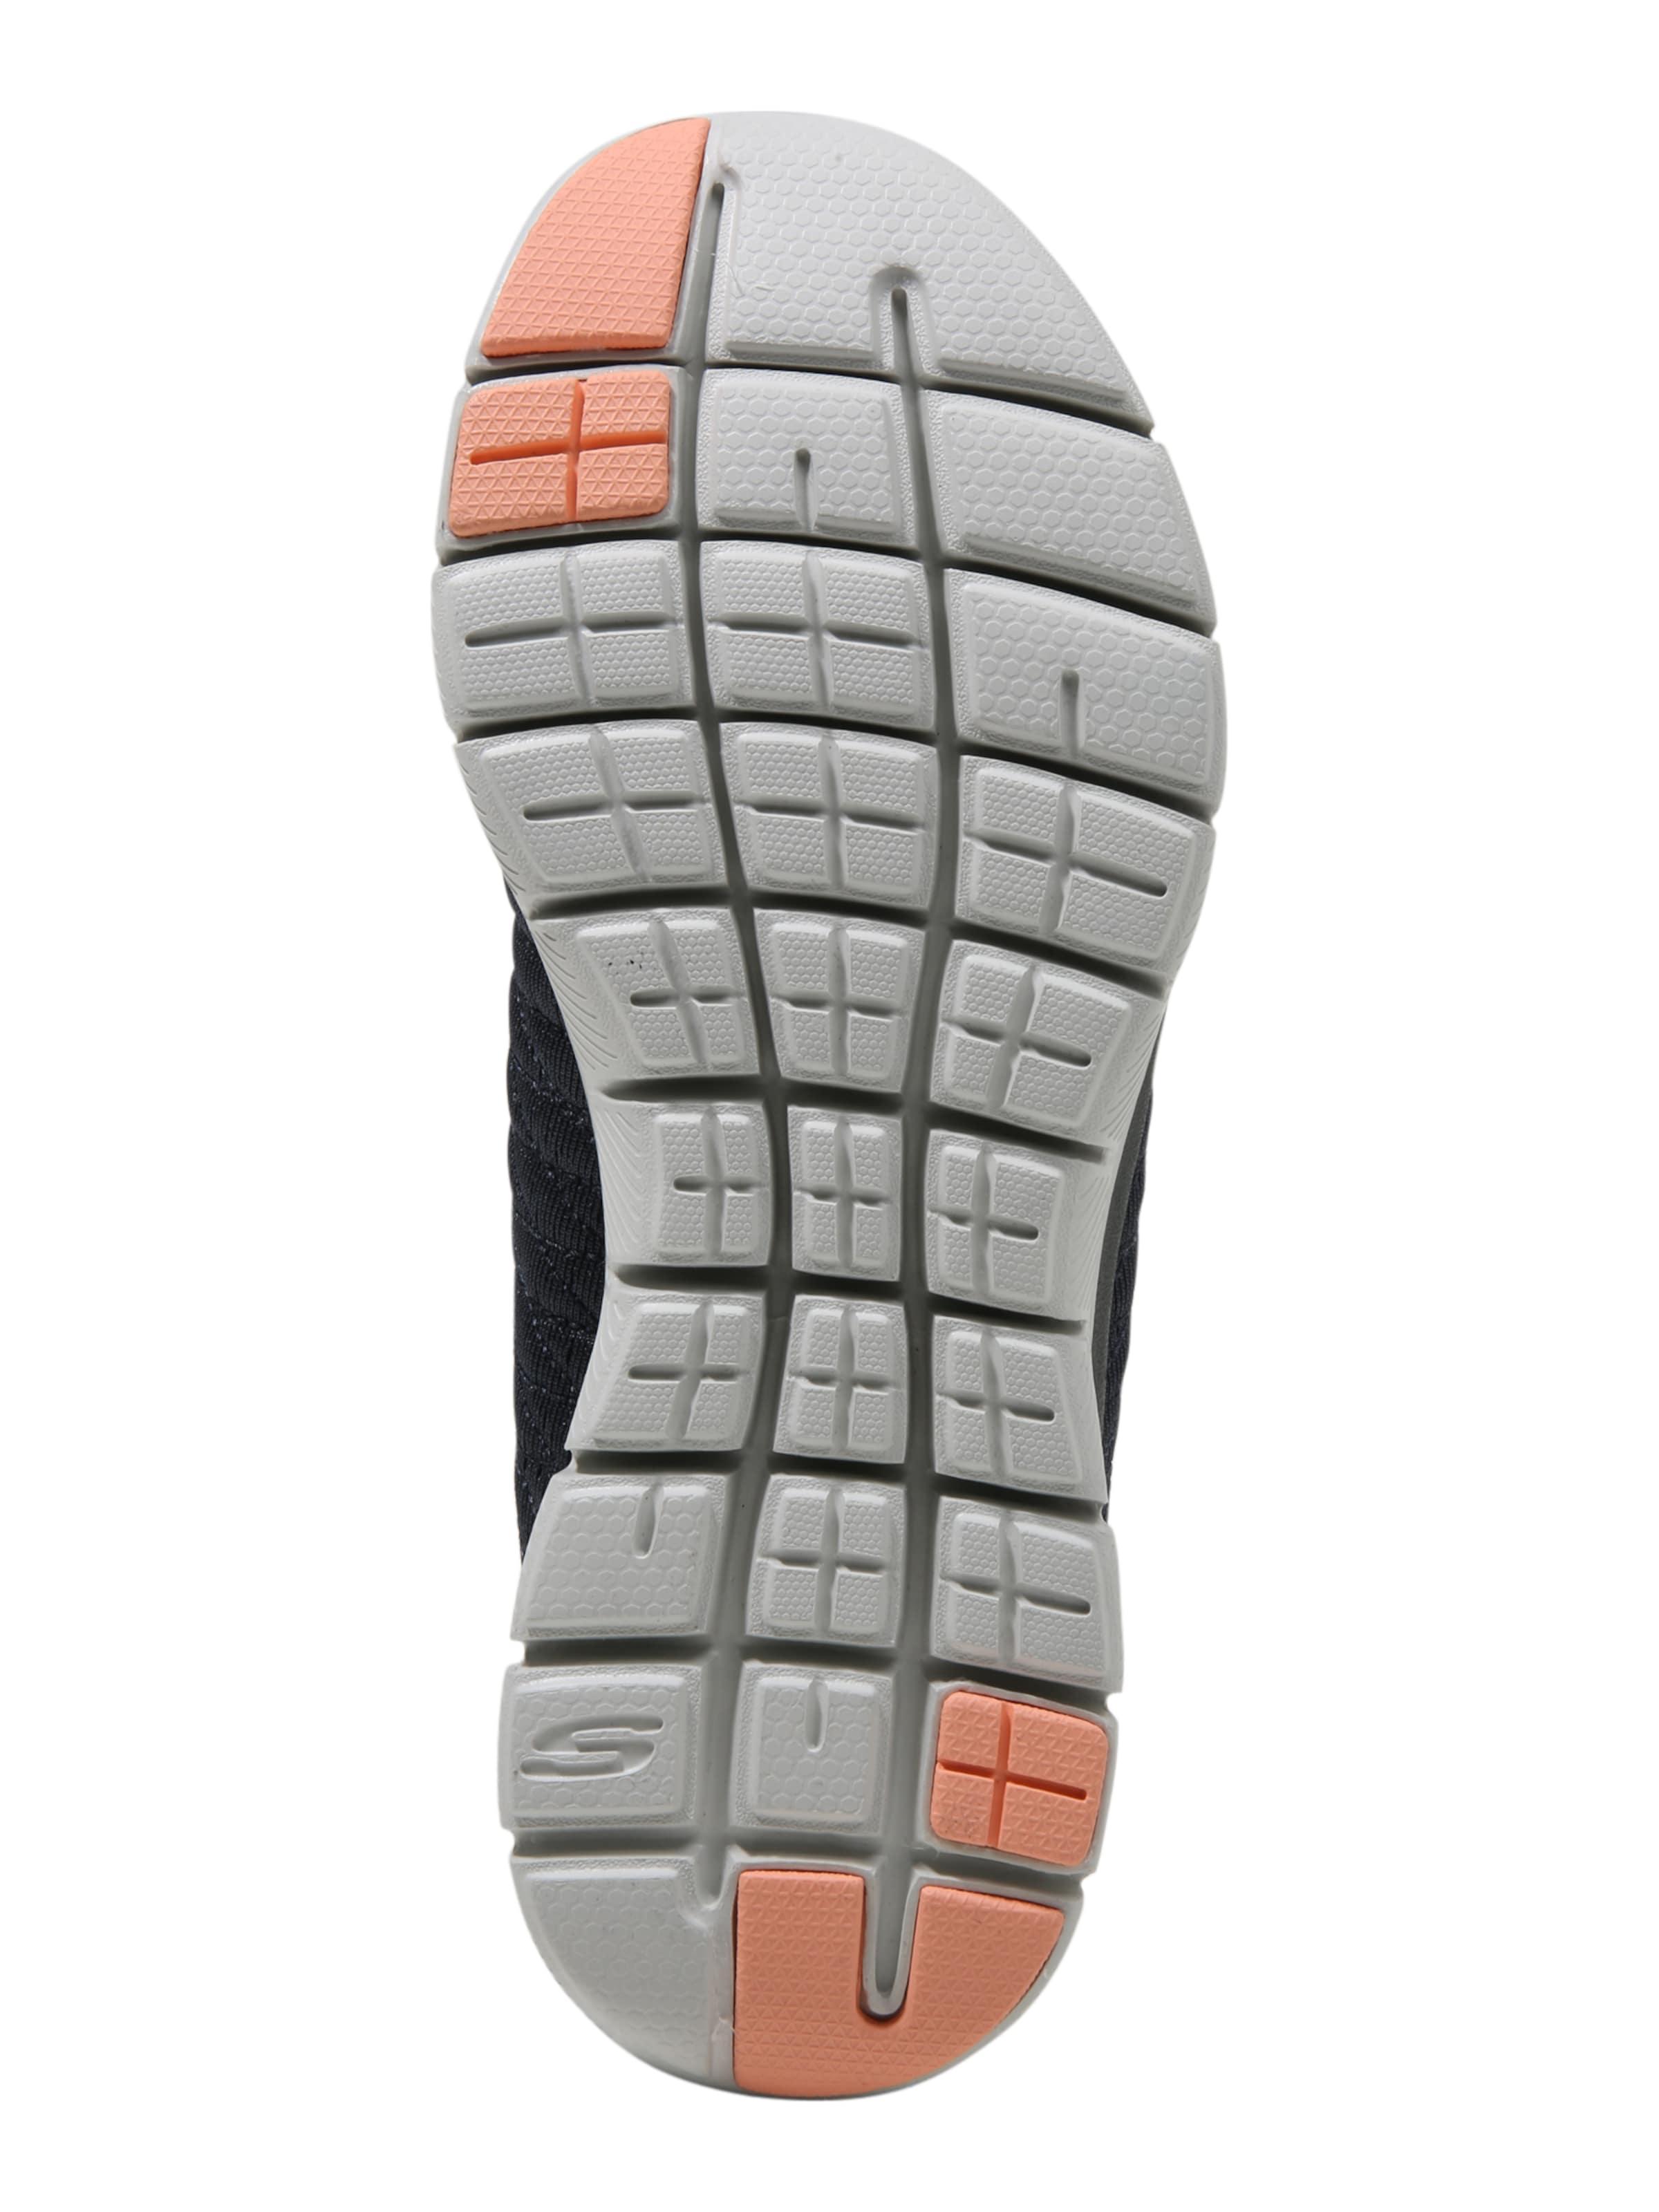 Sneaker In Appeal 2 Break Grau 'flex Skechers Free' 0 BrCxdeo